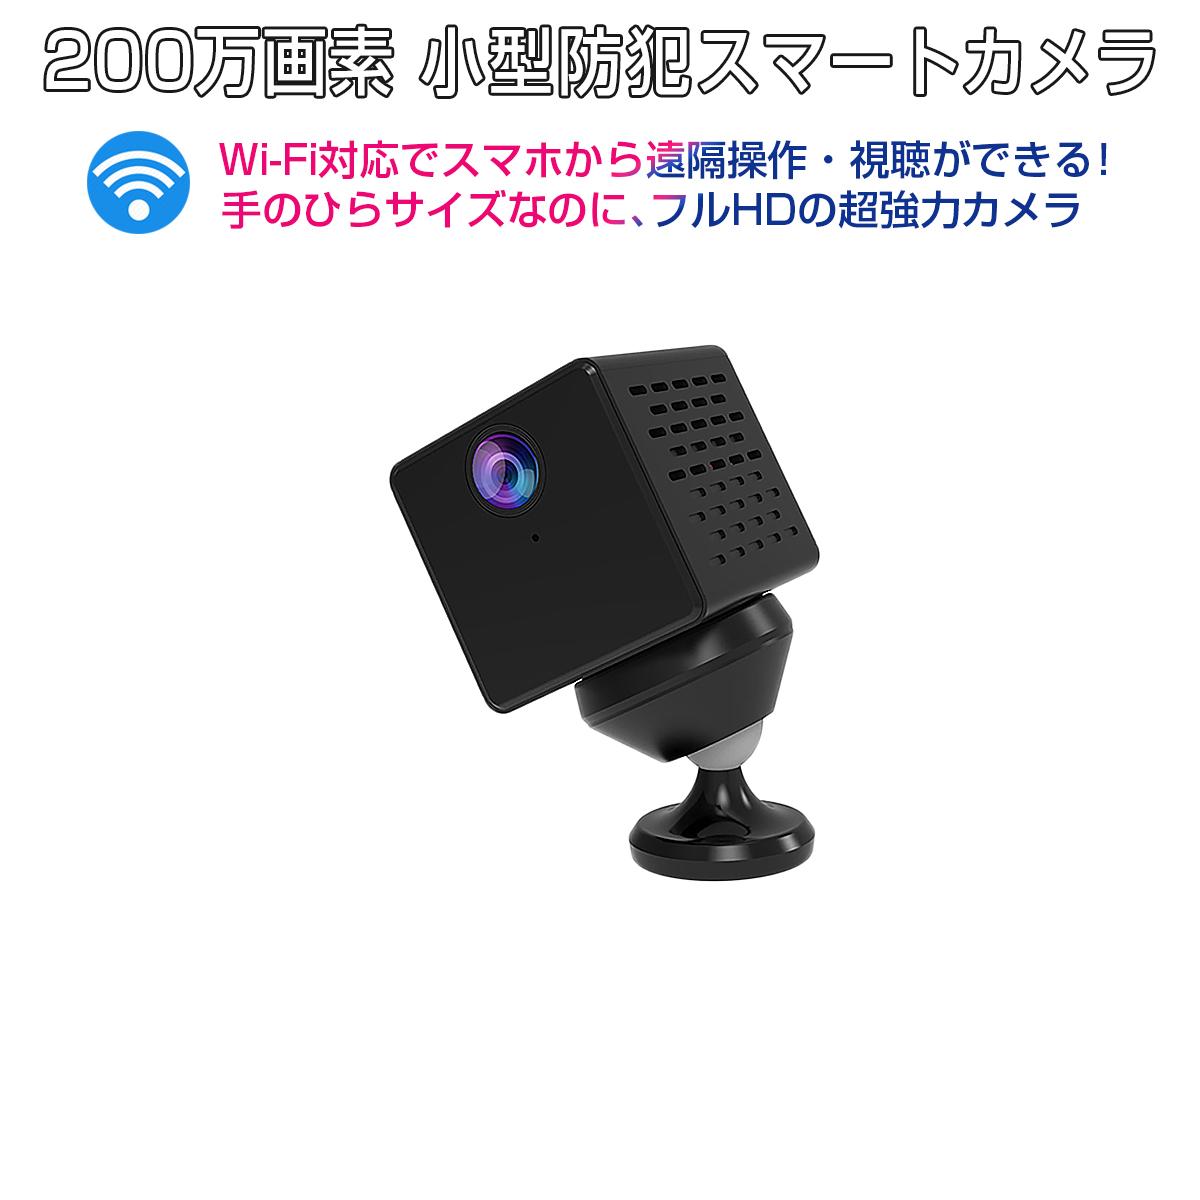 小型 防犯カメラ C90S VStarcam フルHD 200万画素 高画質 wifi 無線 ワイヤレス MicroSDカード録画 録音 ネット環境なくても電源繋ぐだけ 遠隔監視 防犯 証拠 泥棒 浮気 横領 DV 恐喝 現場 IP カメラ 宅配便送料無料 1年保証 K&M